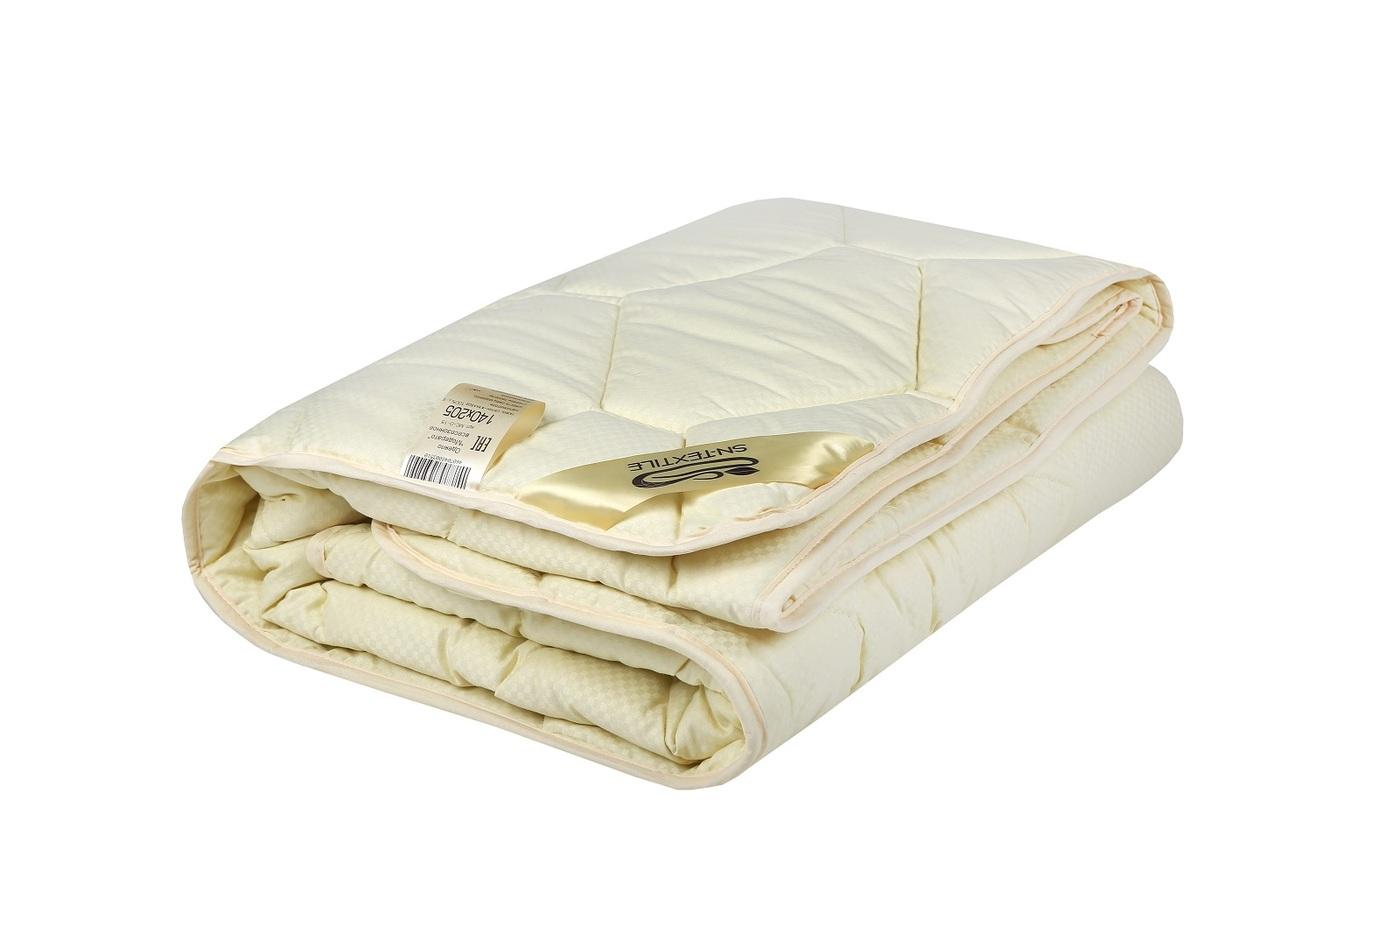 Одеяло Sn Textile МС-О-22 Евро, 200x220, Всесезонное, с наполнителем Мериносовая шерсть